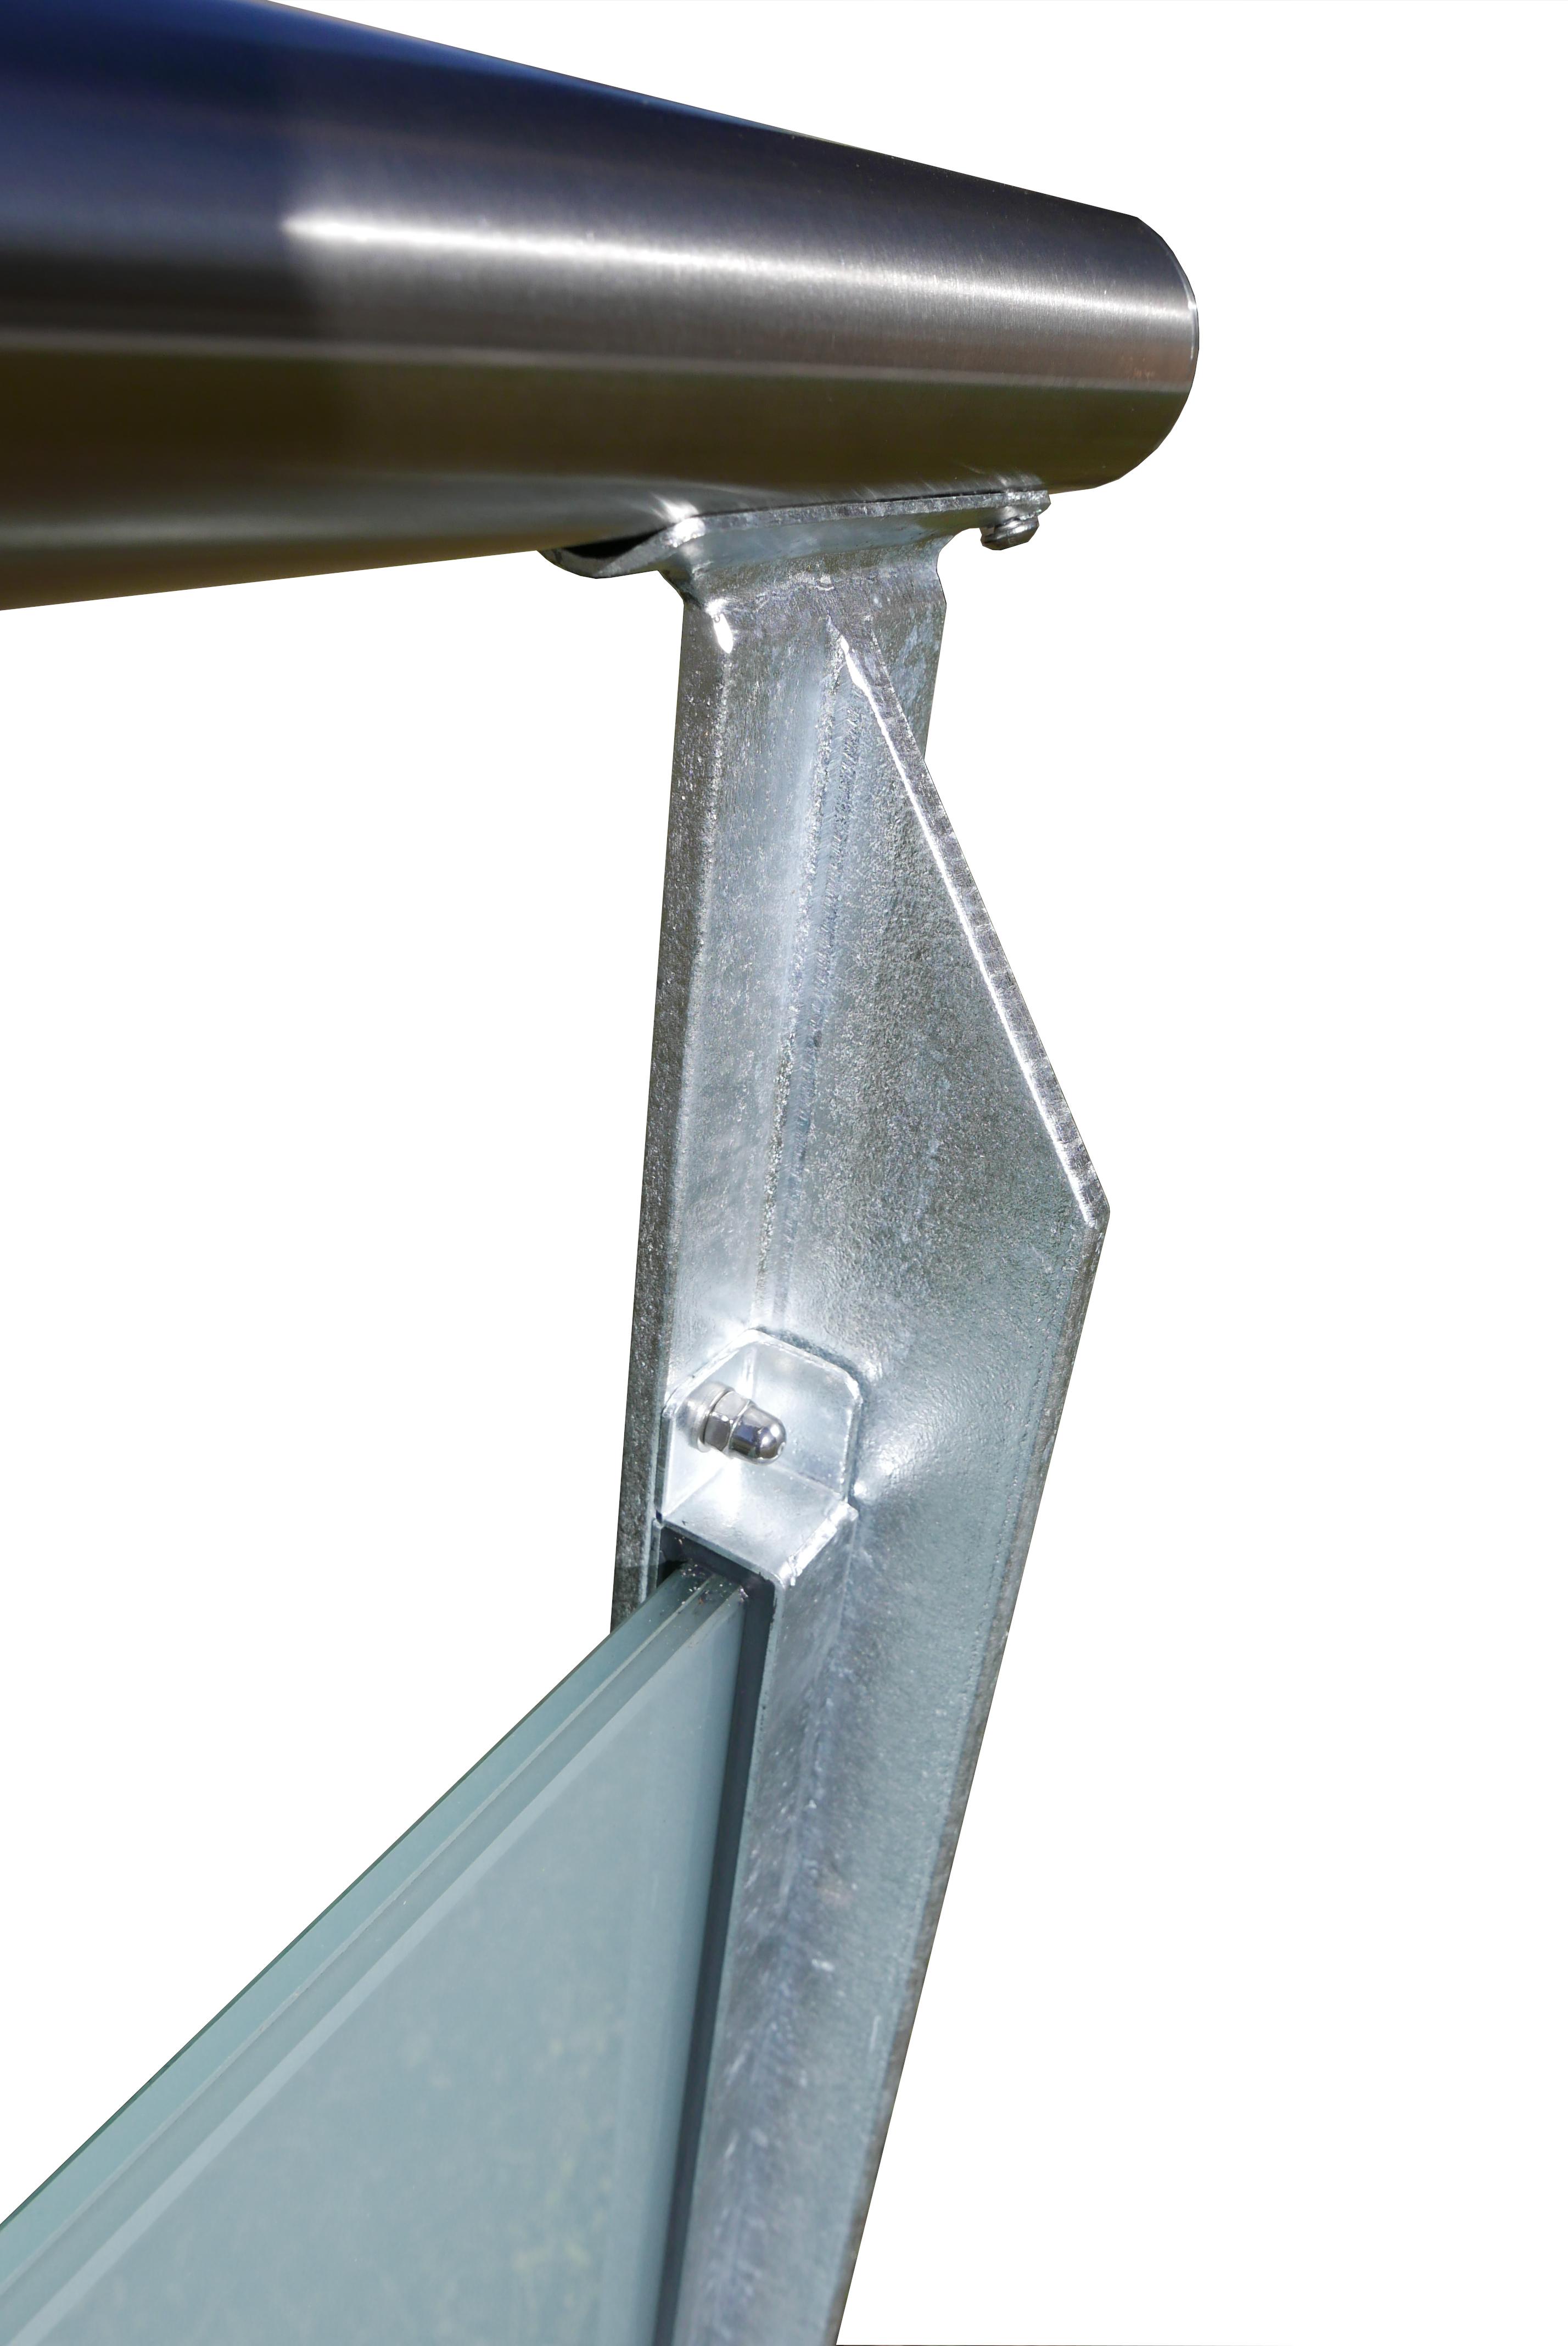 Geländer Glasfüllung in Profile eingeklebt Edelstahlhandlauf